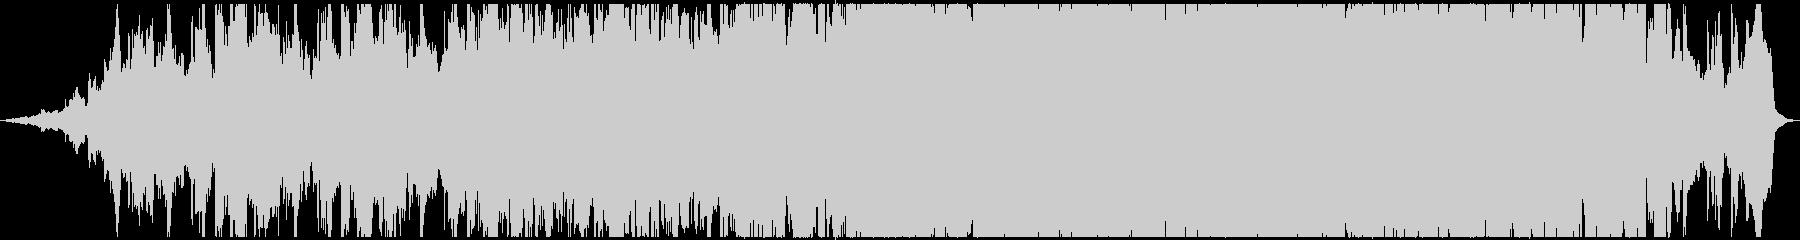 ダークでアンビエントで切ないメロディの未再生の波形